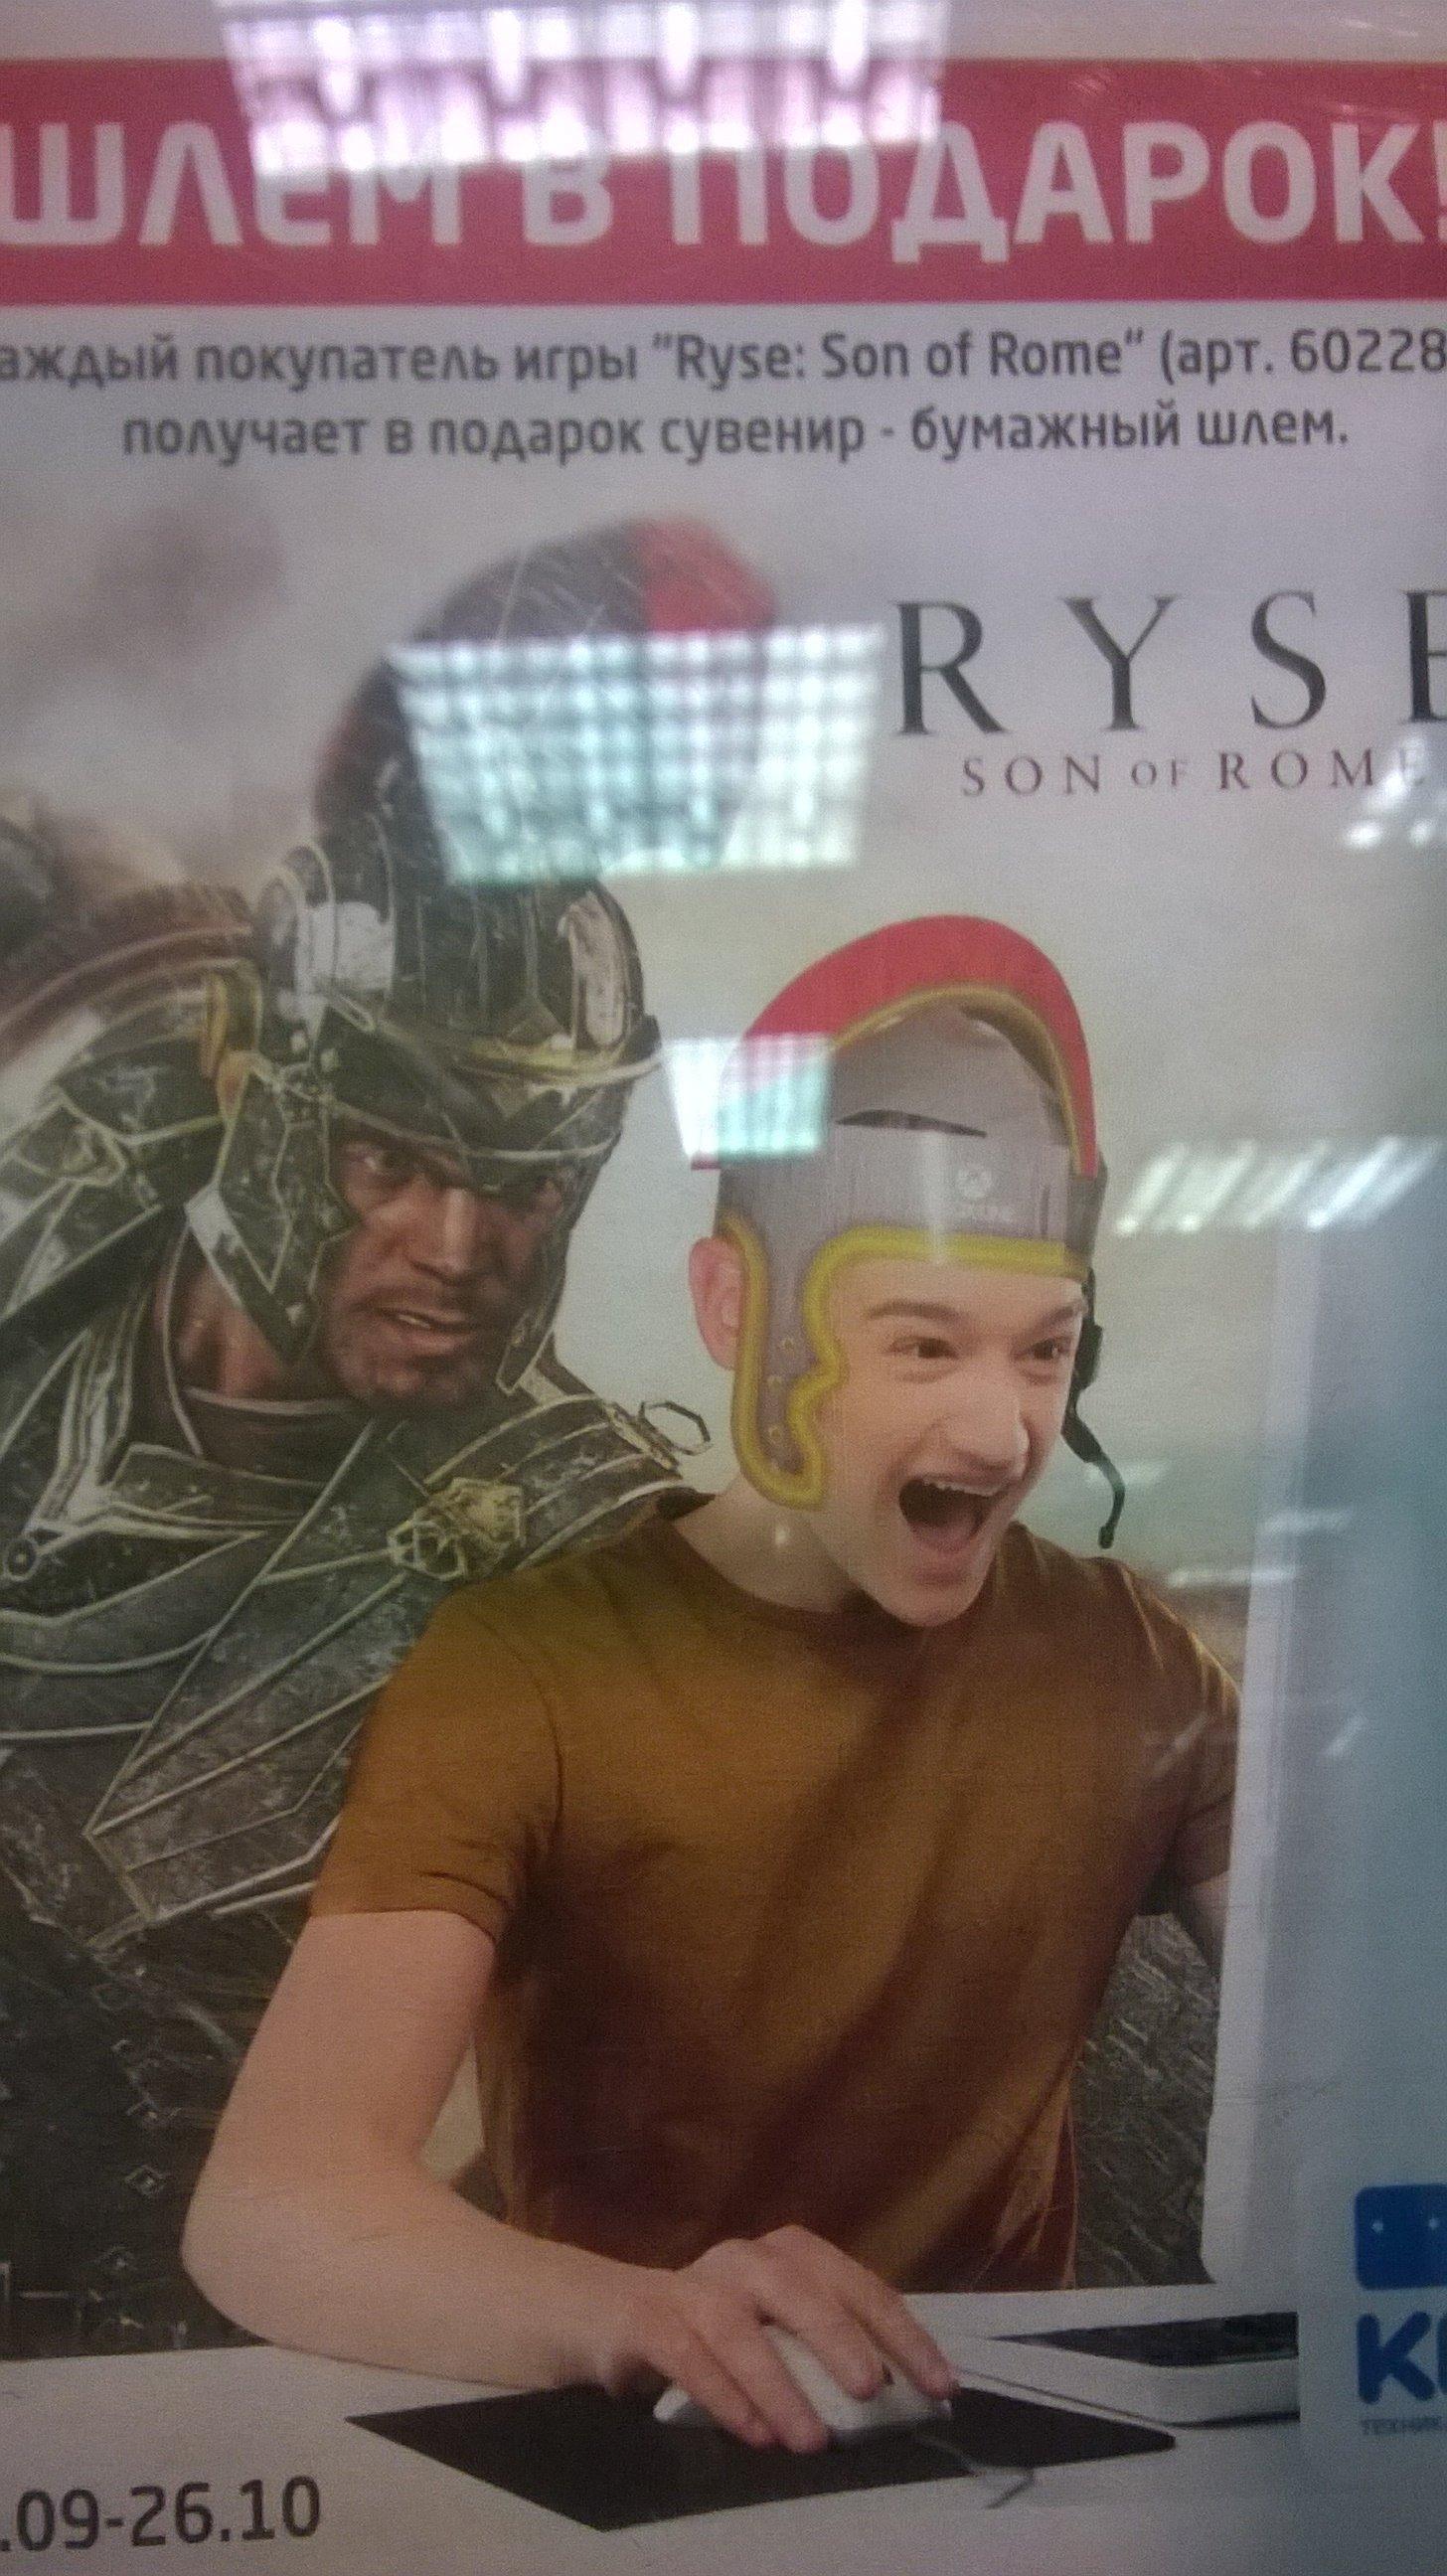 """Каждому """"Cыну"""", шлем в подарок! Торопись! Налетай! Не скупись! Покупай. - Изображение 1"""